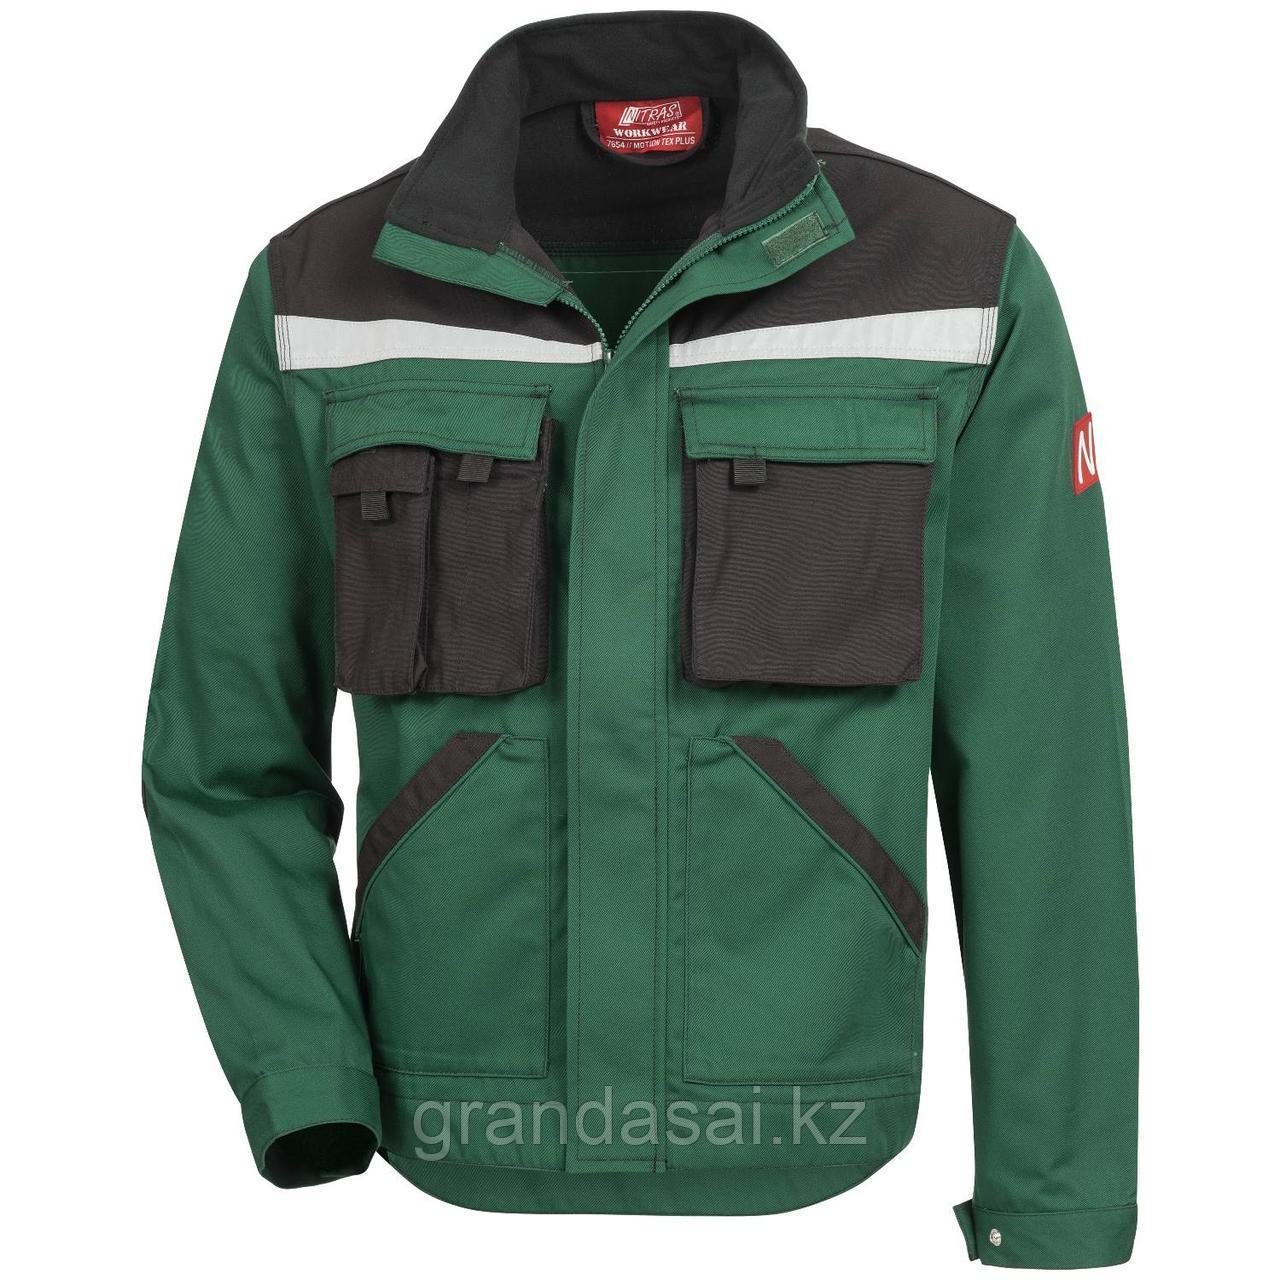 Рабочая куртка NITRAS 7654 MOTION TEX PLUS